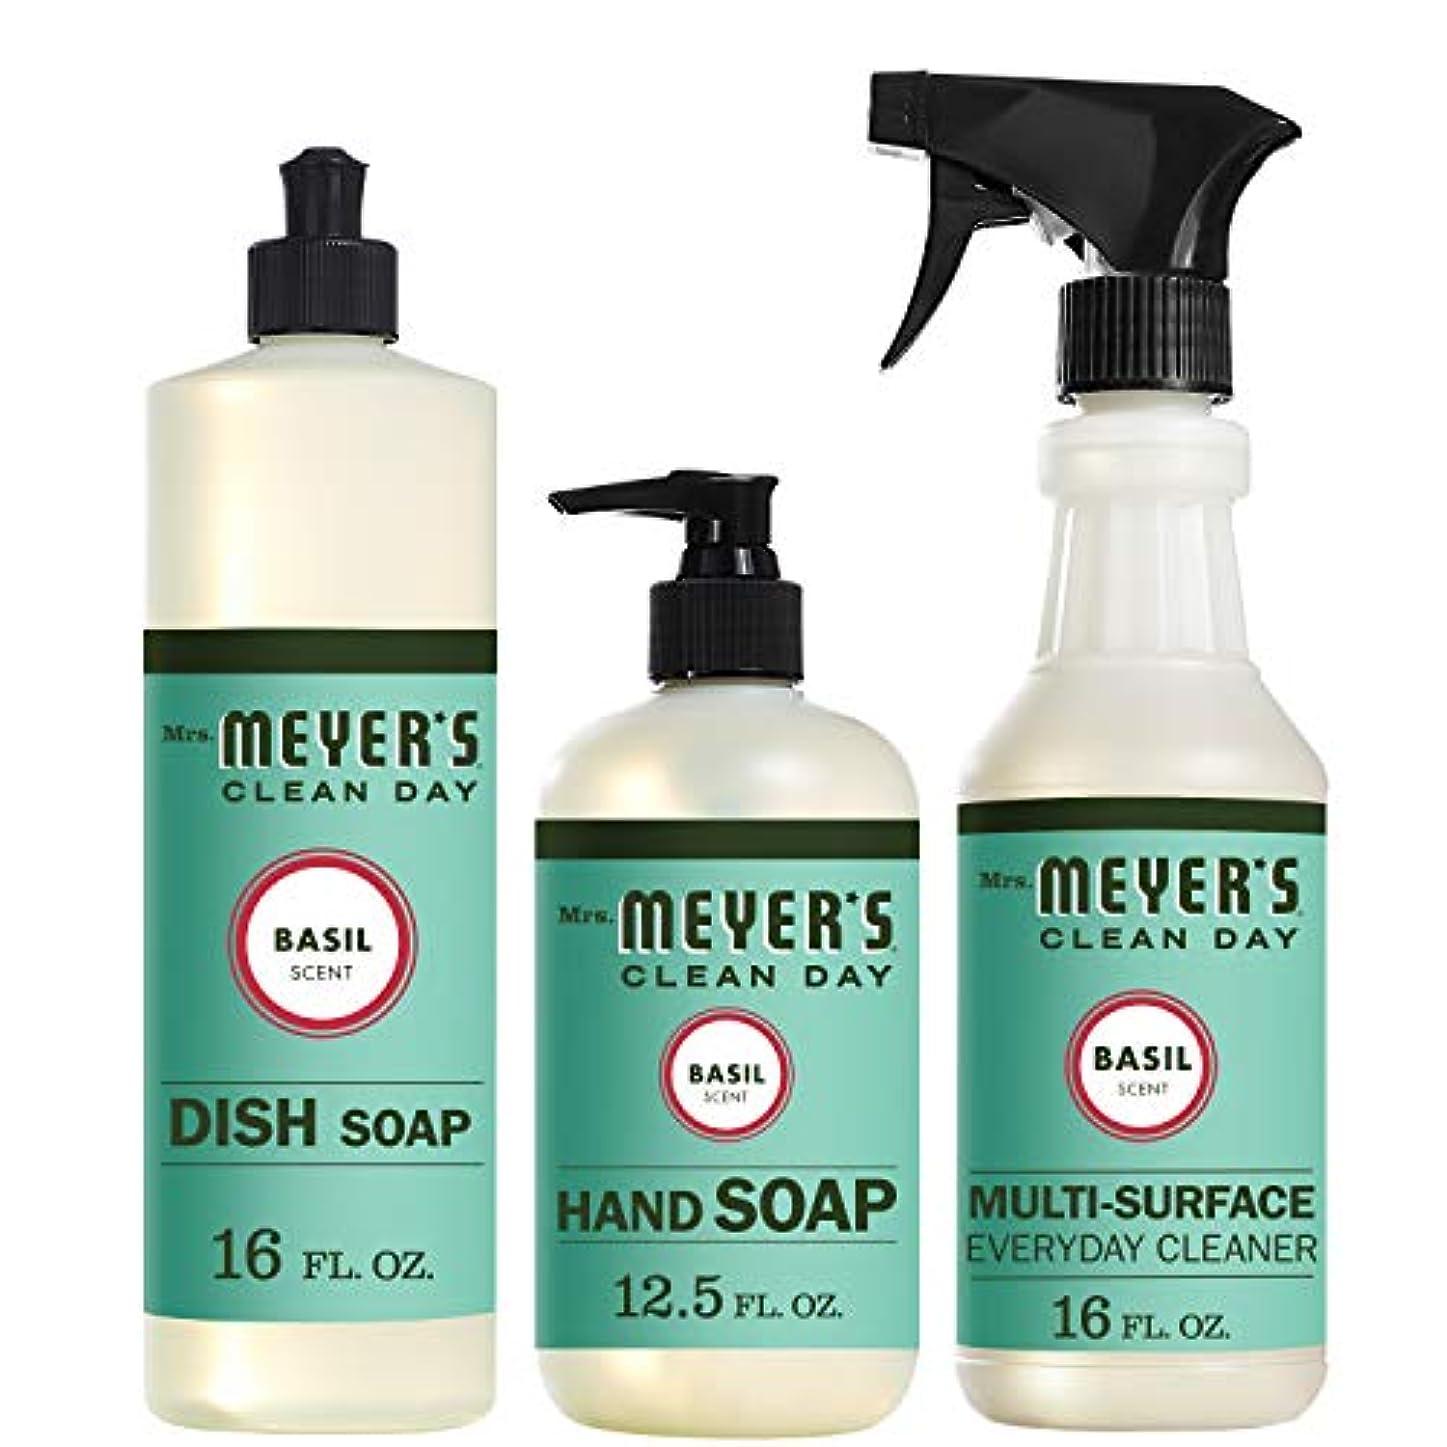 血まみれのセマフォアトミックMrs。Meyers Clean Dayキッチン基本セット、バジル、Includes : Dish Soap (16 fl oz)、Hand Soap (12.5オンス、日常Multi - Surface Cleaner...